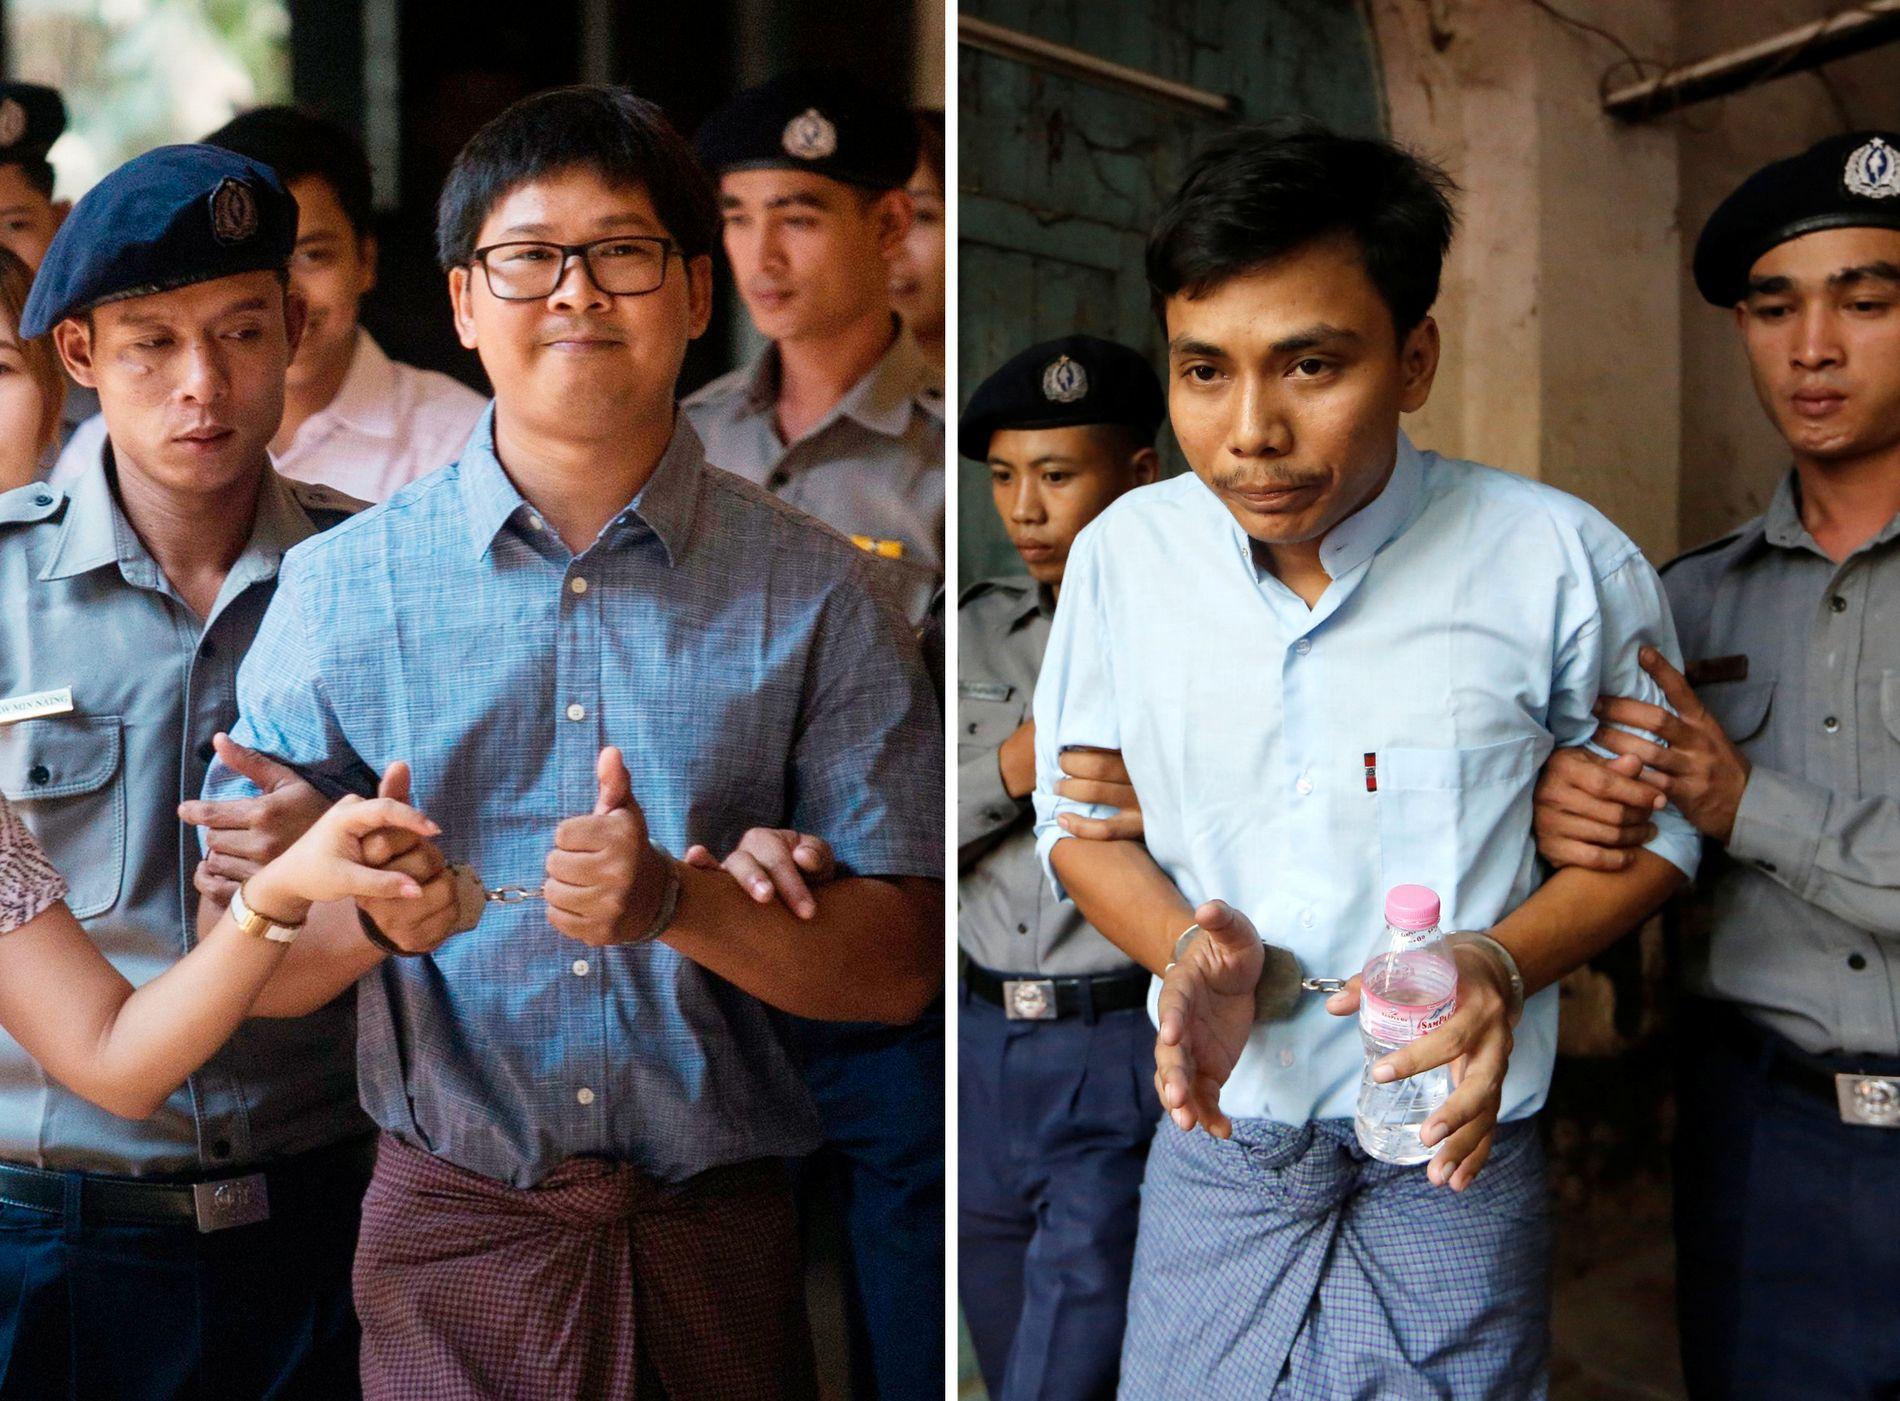 AVSLØRTE MASSAKREN: Reuters-journalistene Kyaw Soe Oo og kollega Wa Lone, til venstre, er fengslet etter Inn Din-avsløringen. De er fotografert under en høring i retten i Yangoon i februar. Foto: Reuters.